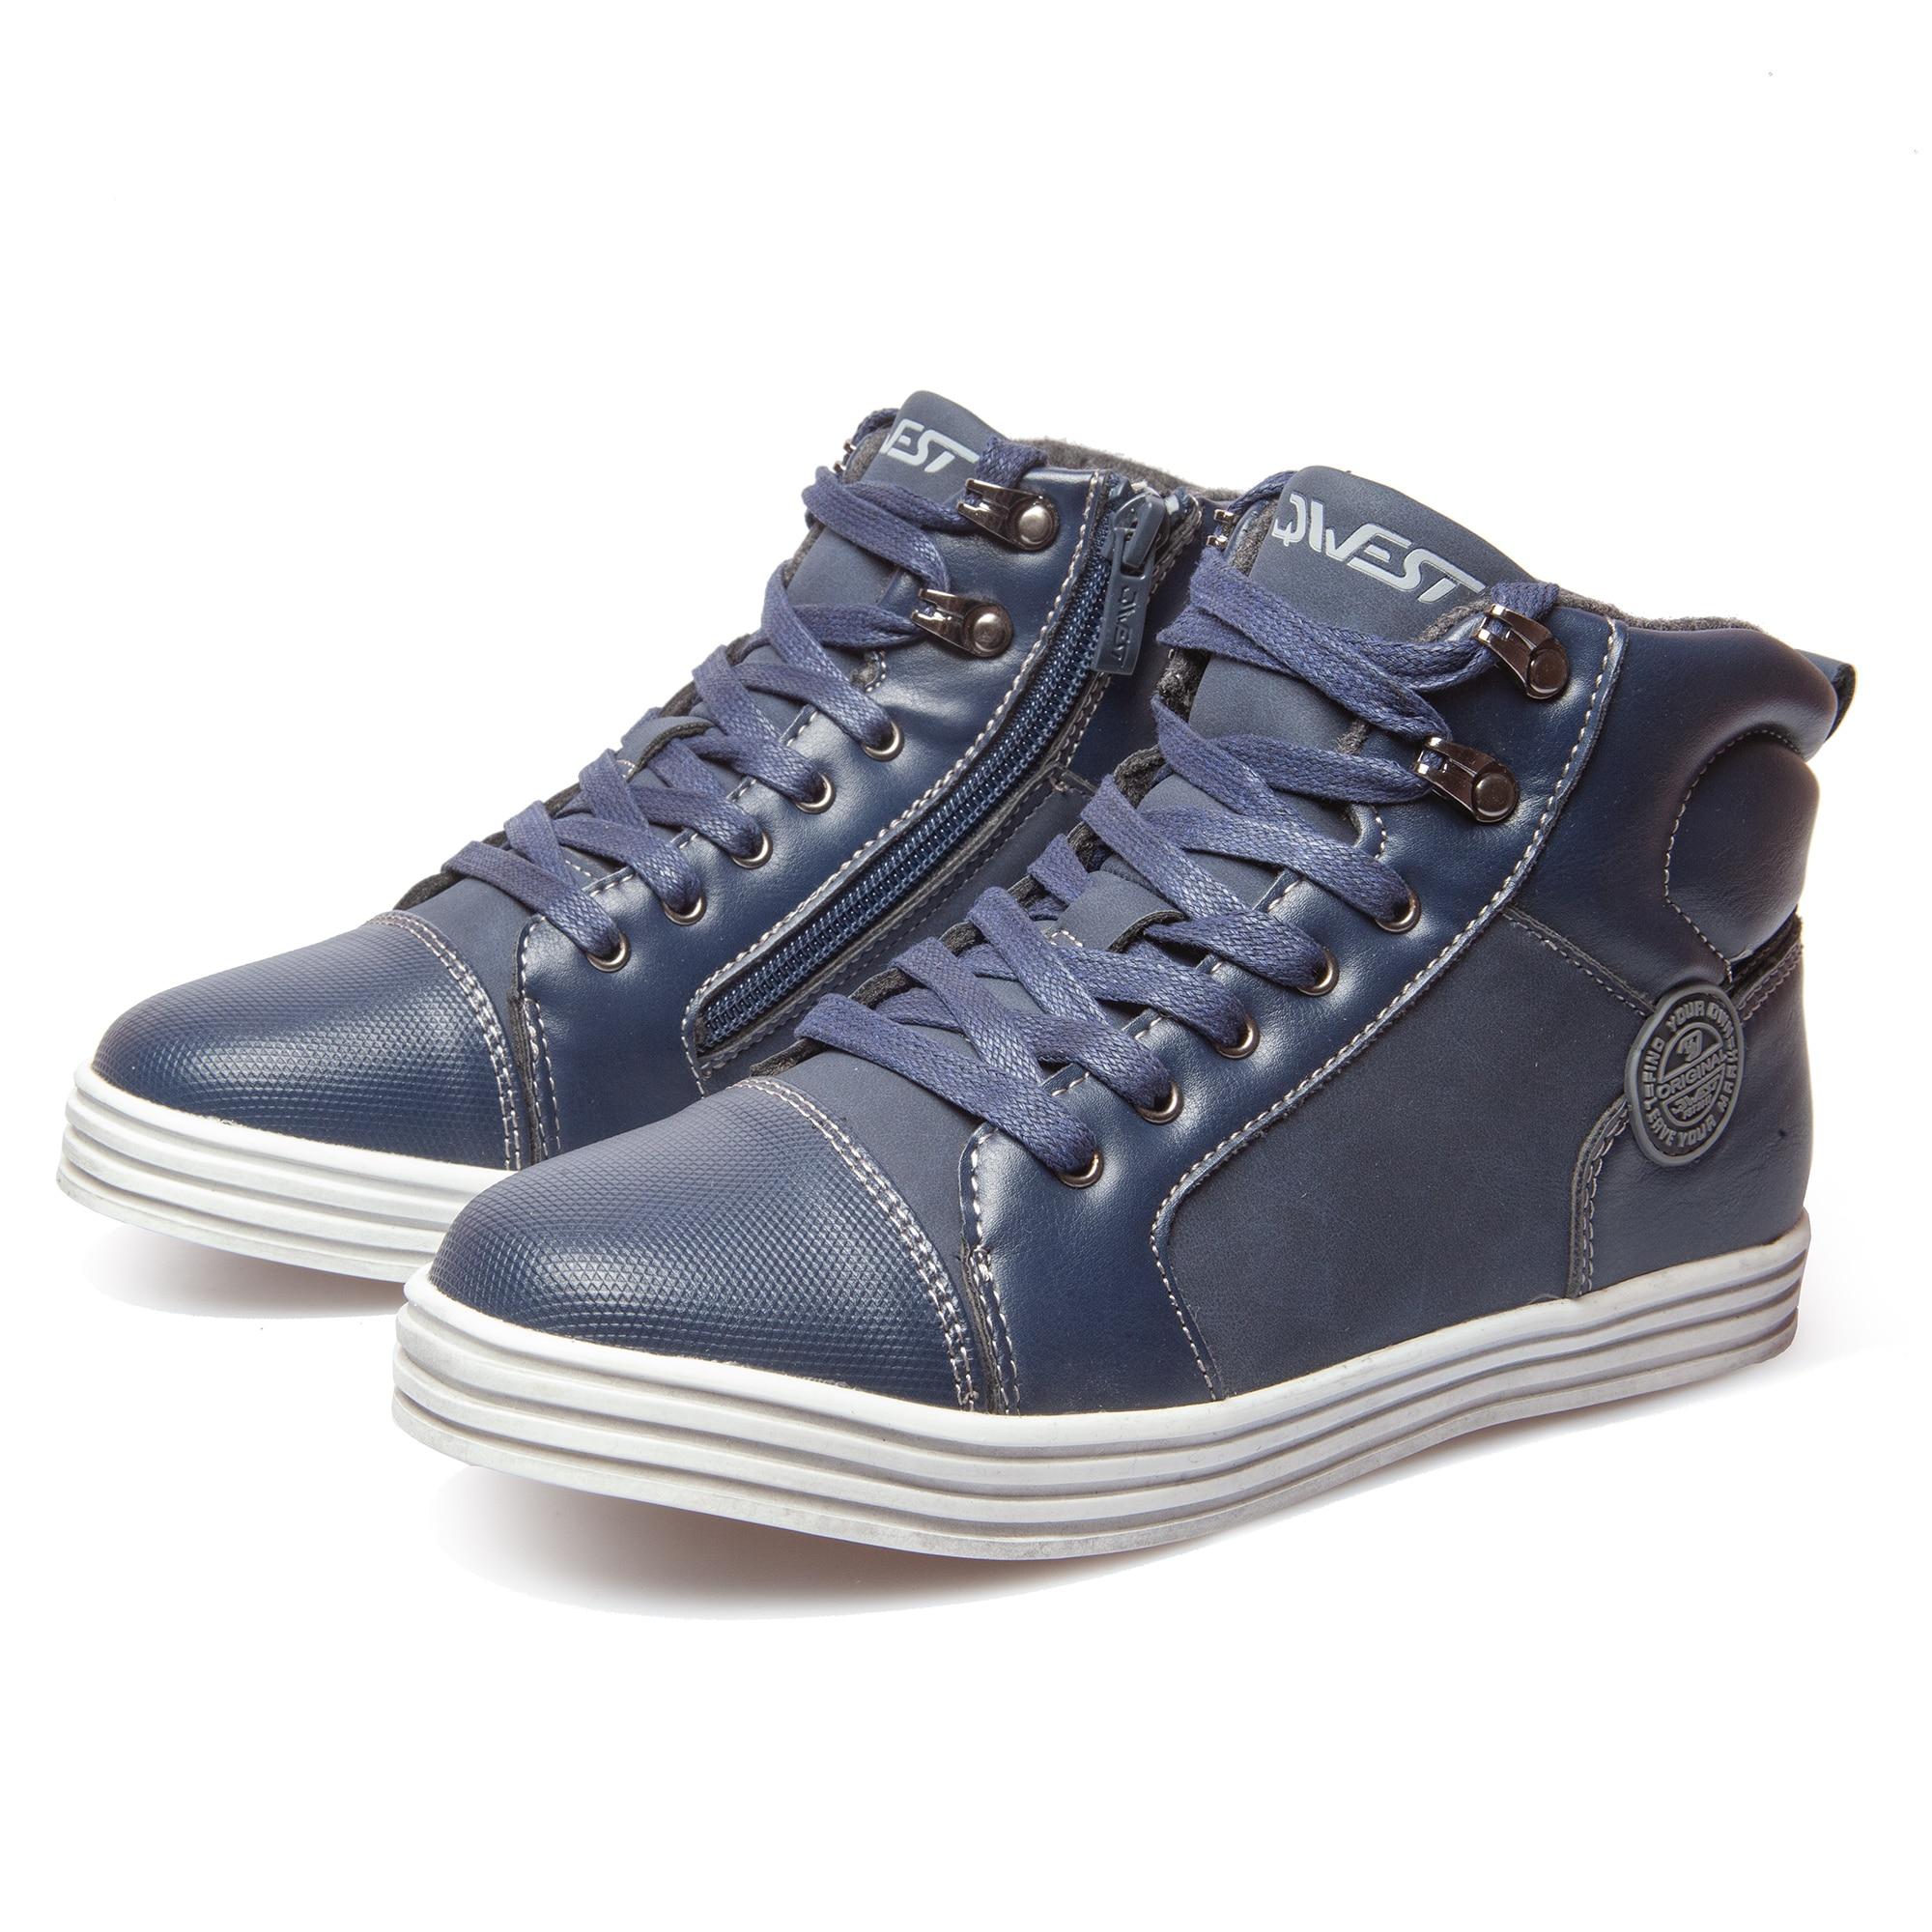 Zapatos flamencos 92b-xdb-1589 zapatos para niños 33-38 #